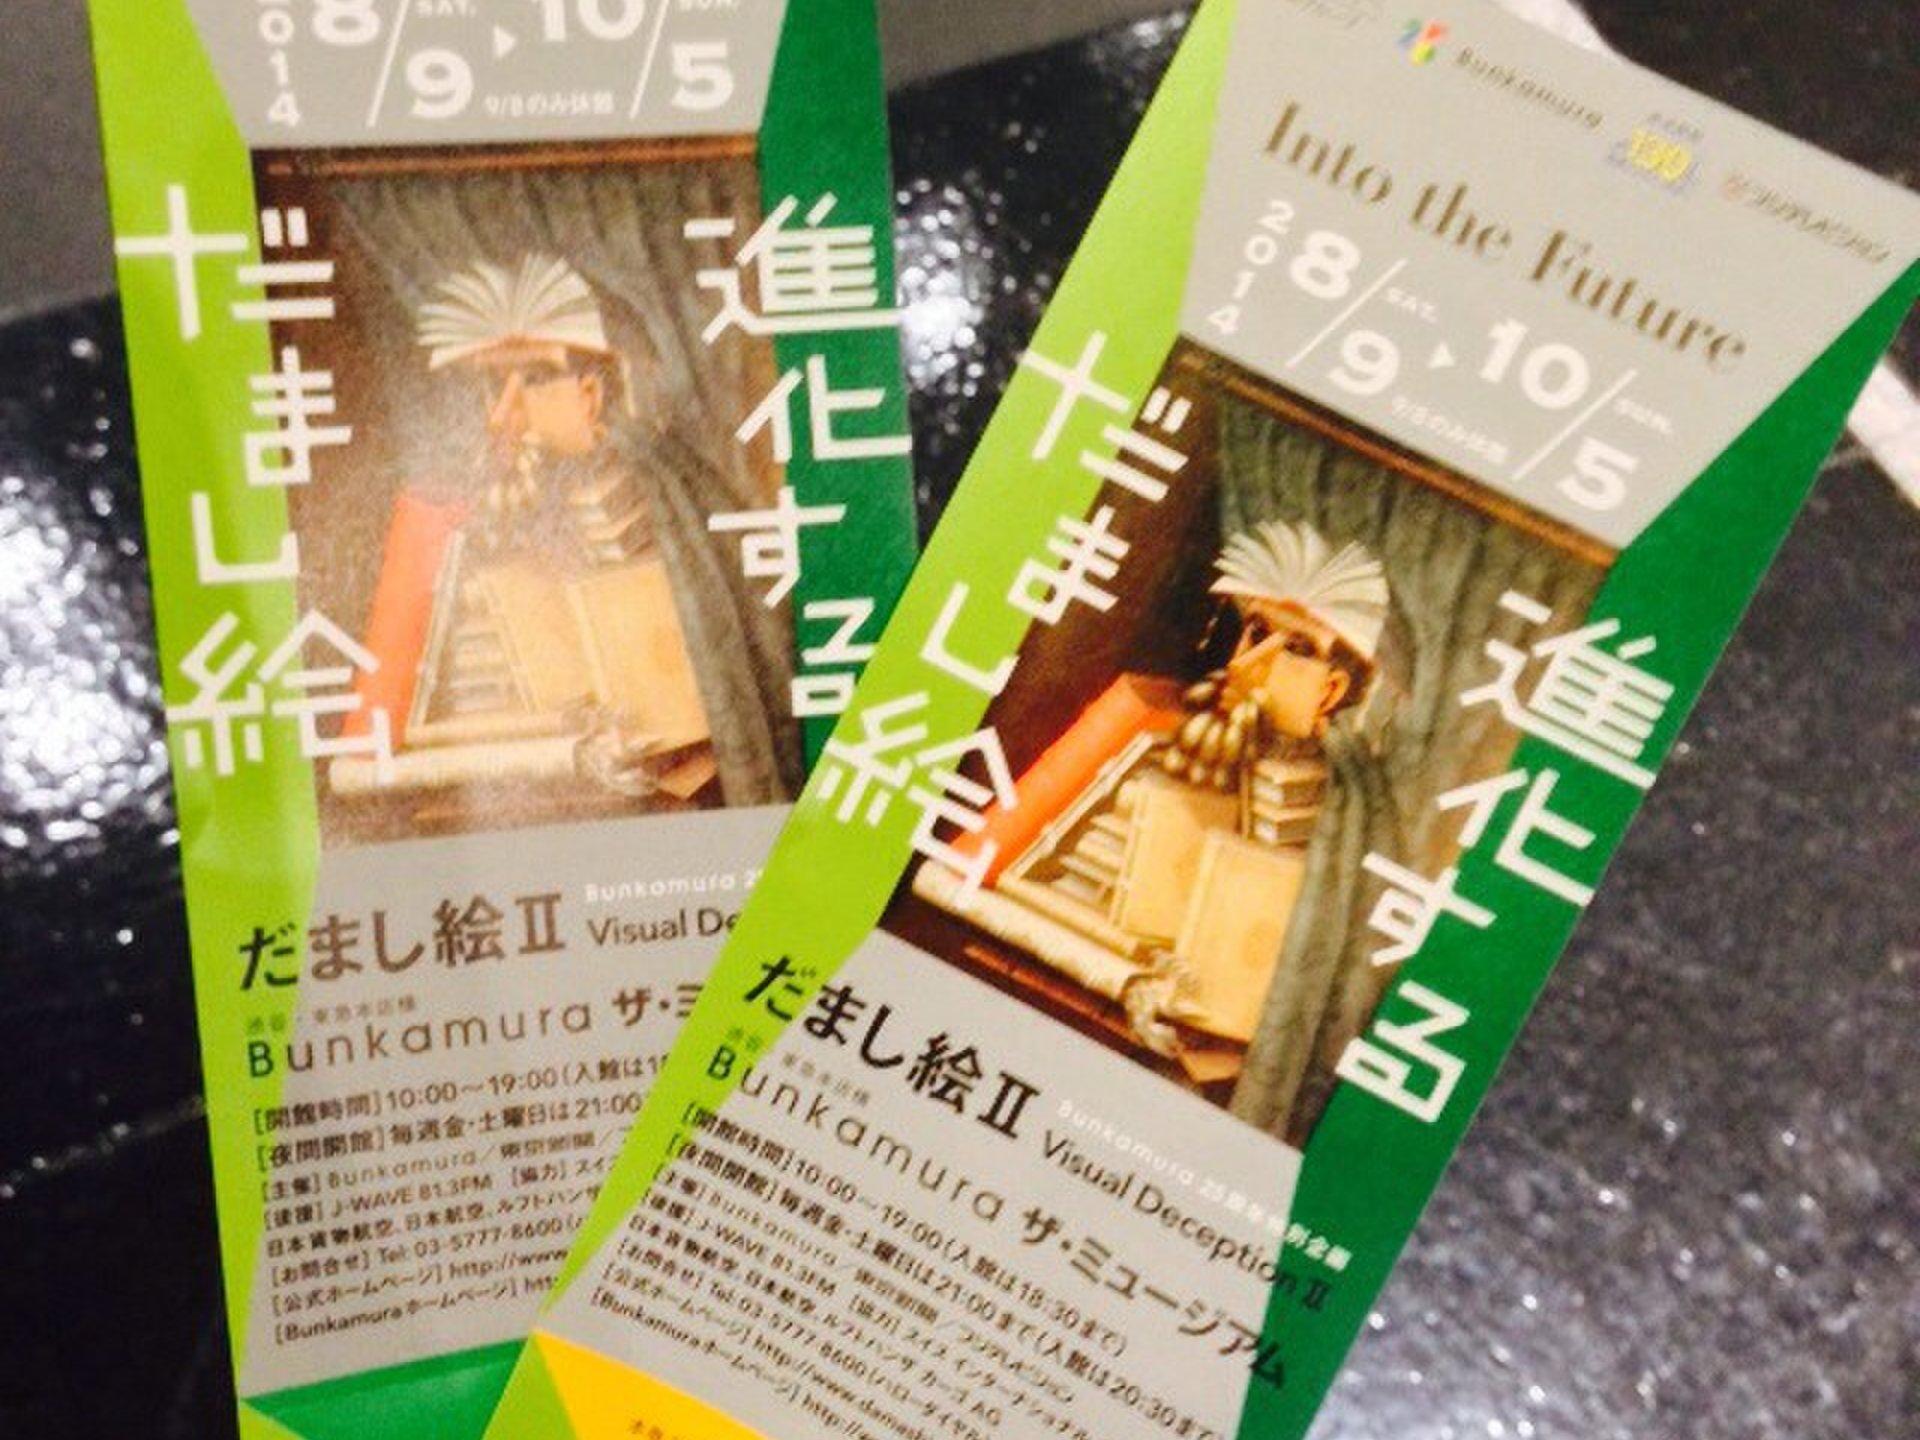 渋谷で文化デート!映画にトリックアート!金欠カップルにおすすめコース!